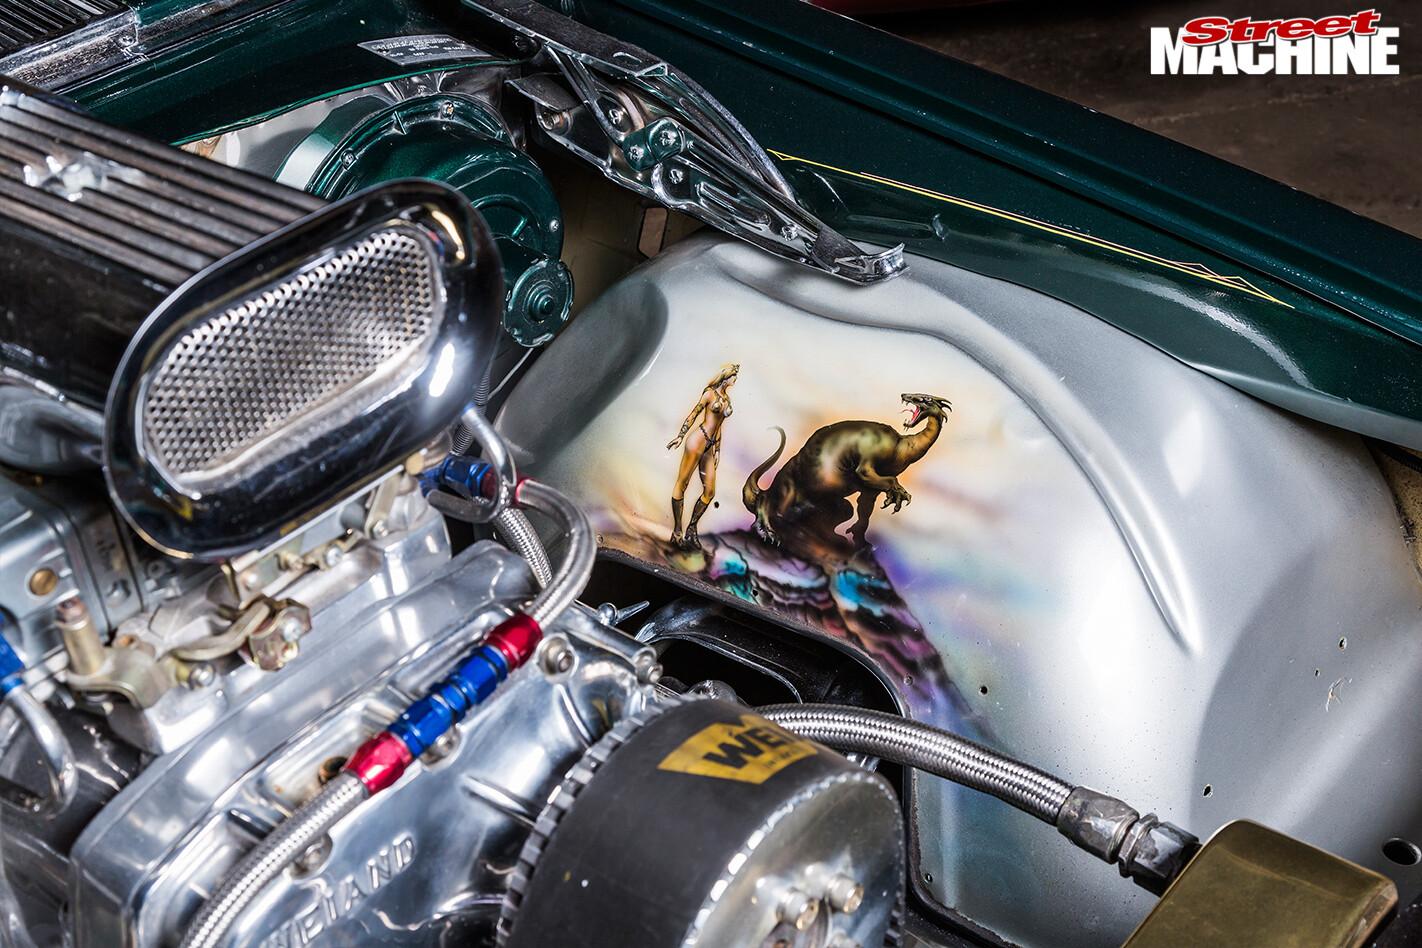 Jade -panel -van -engine -bay -detail -2